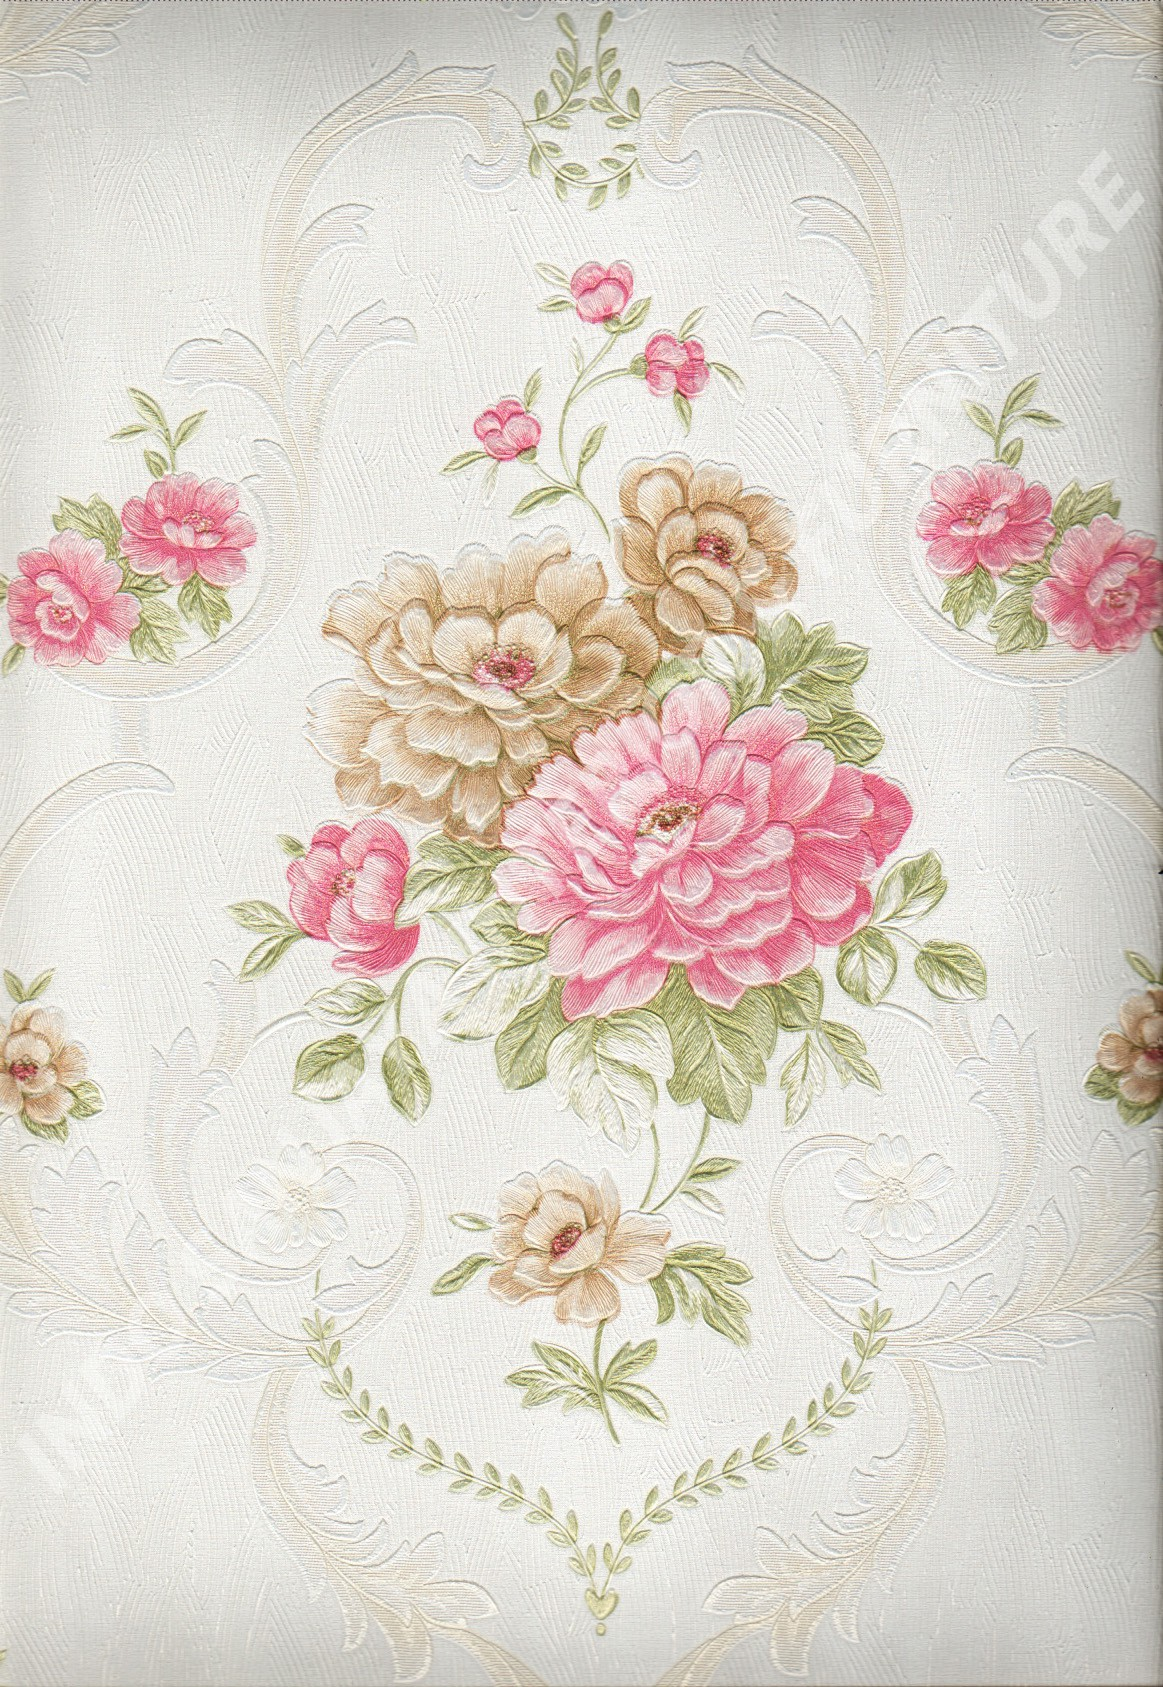 wallpaper   Wallpaper Bunga 8810:8810 corak  warna